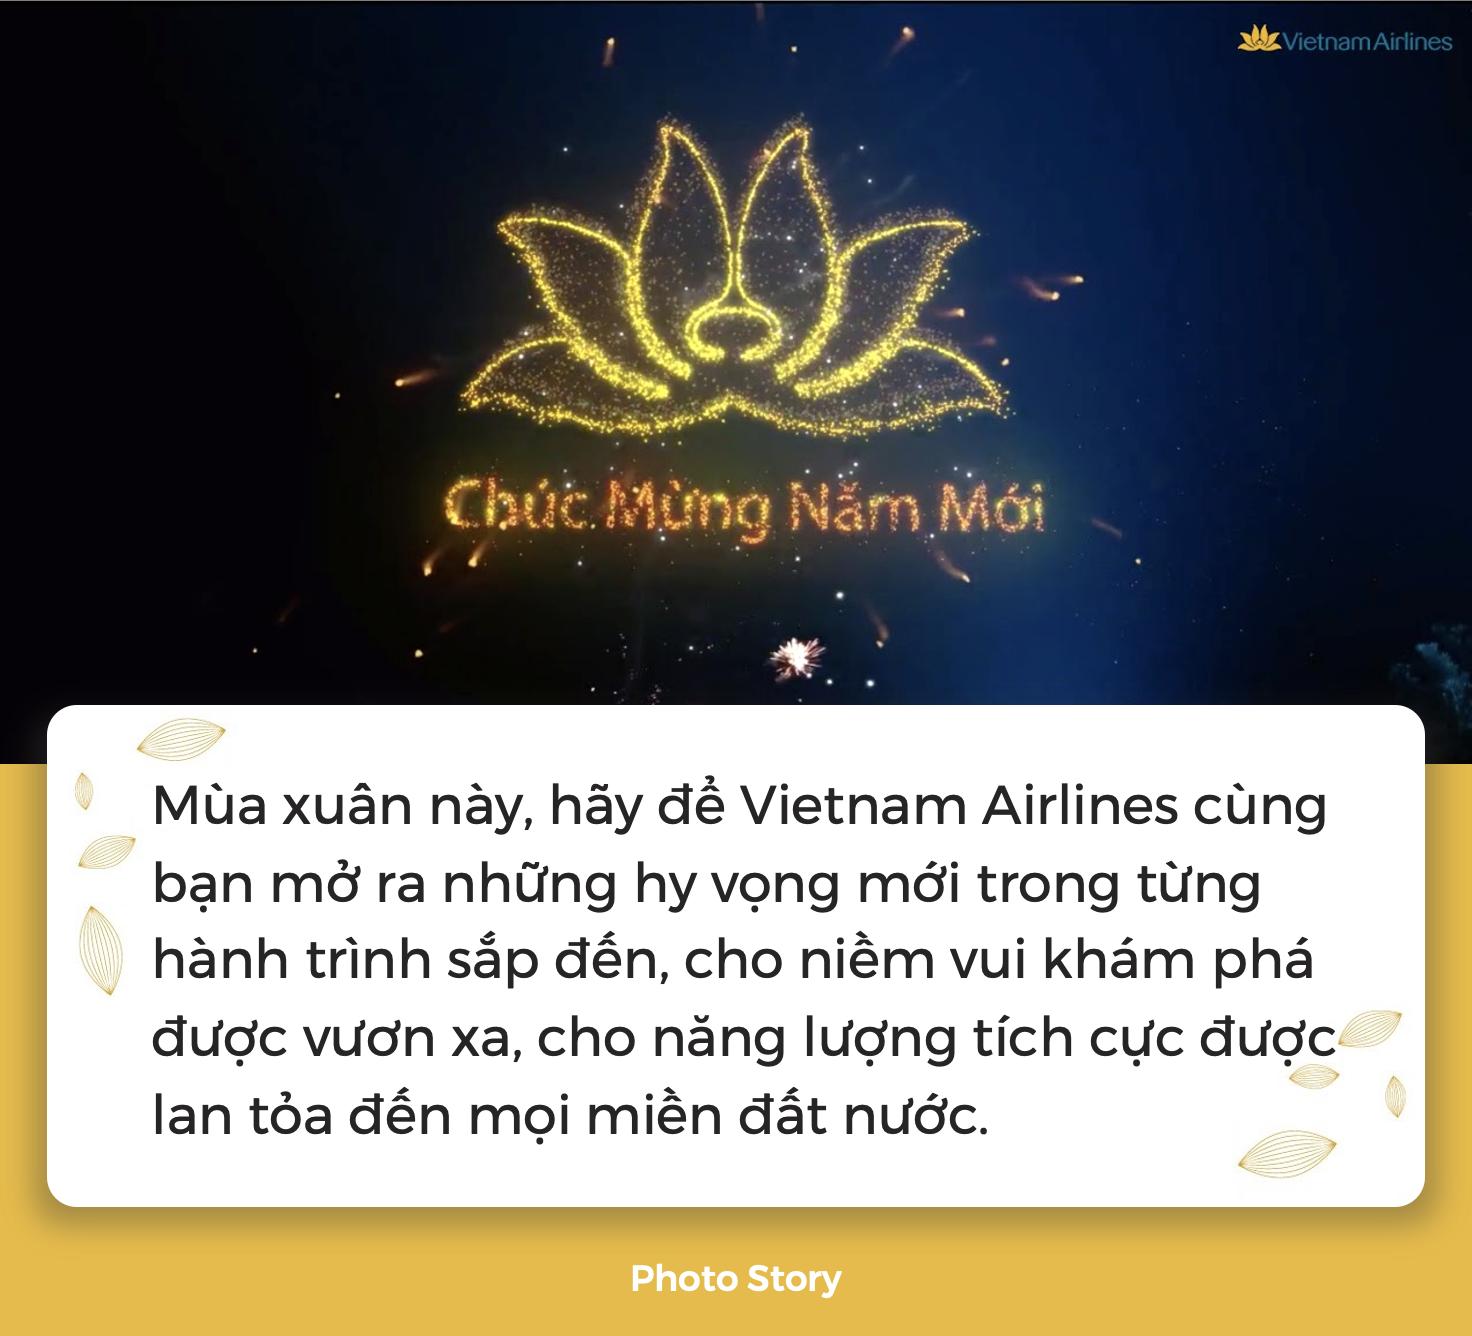 """Cùng Vietnam Airlines lan tỏa thông điệp """"Vì sao chúng ta bay?"""", sẵn sàng mang niềm hy vọng đặt vào mùa xuân mới - Ảnh 9."""